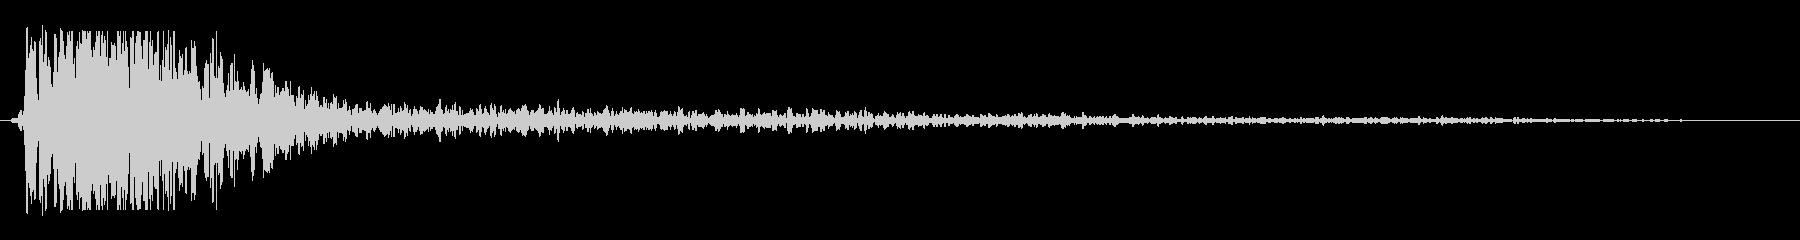 ドゥオーン(低音の打撃音と反響音)の未再生の波形